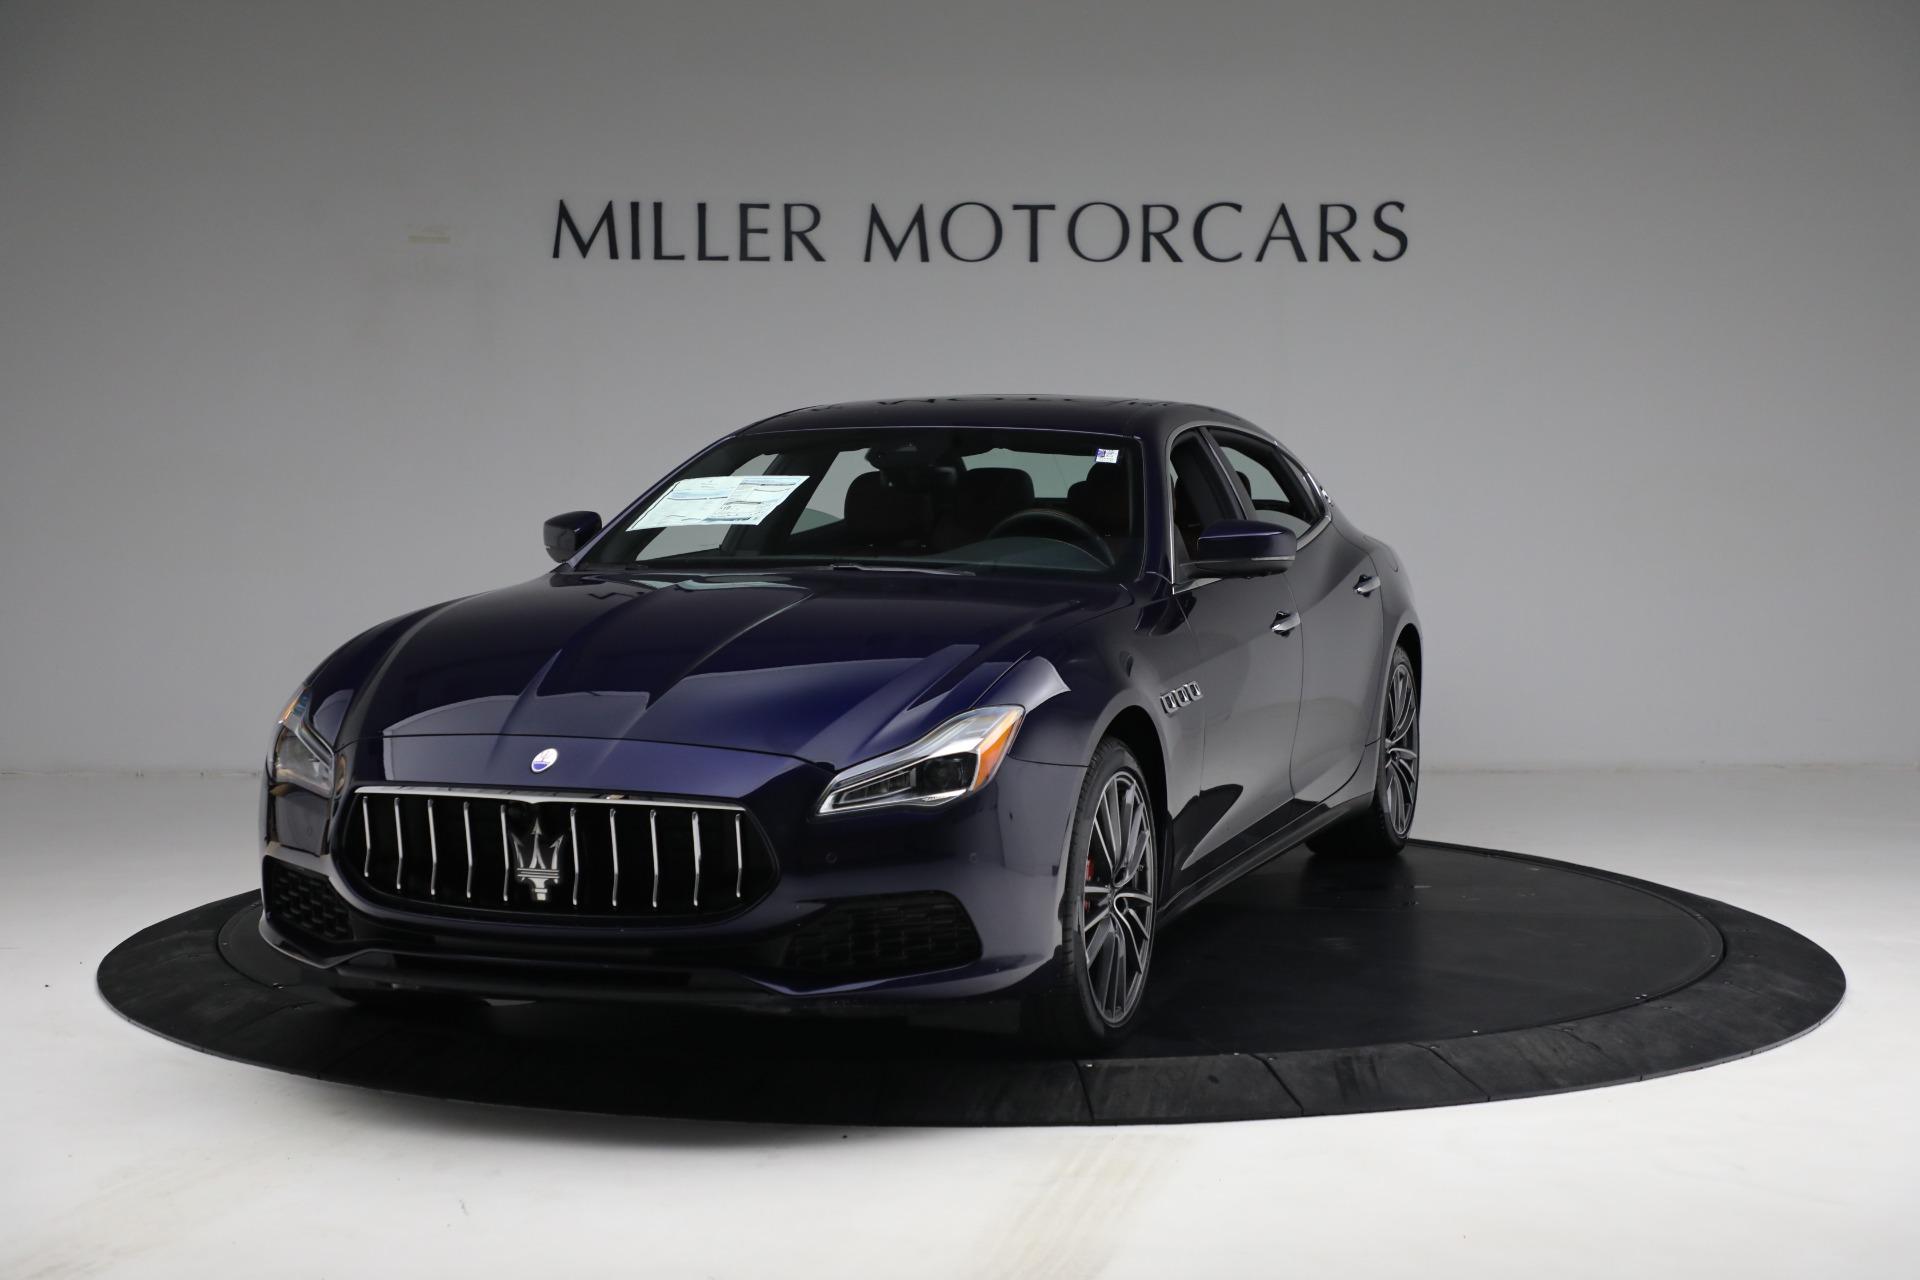 New 2021 Maserati Quattroporte S Q4 for sale $121,749 at McLaren Greenwich in Greenwich CT 06830 1